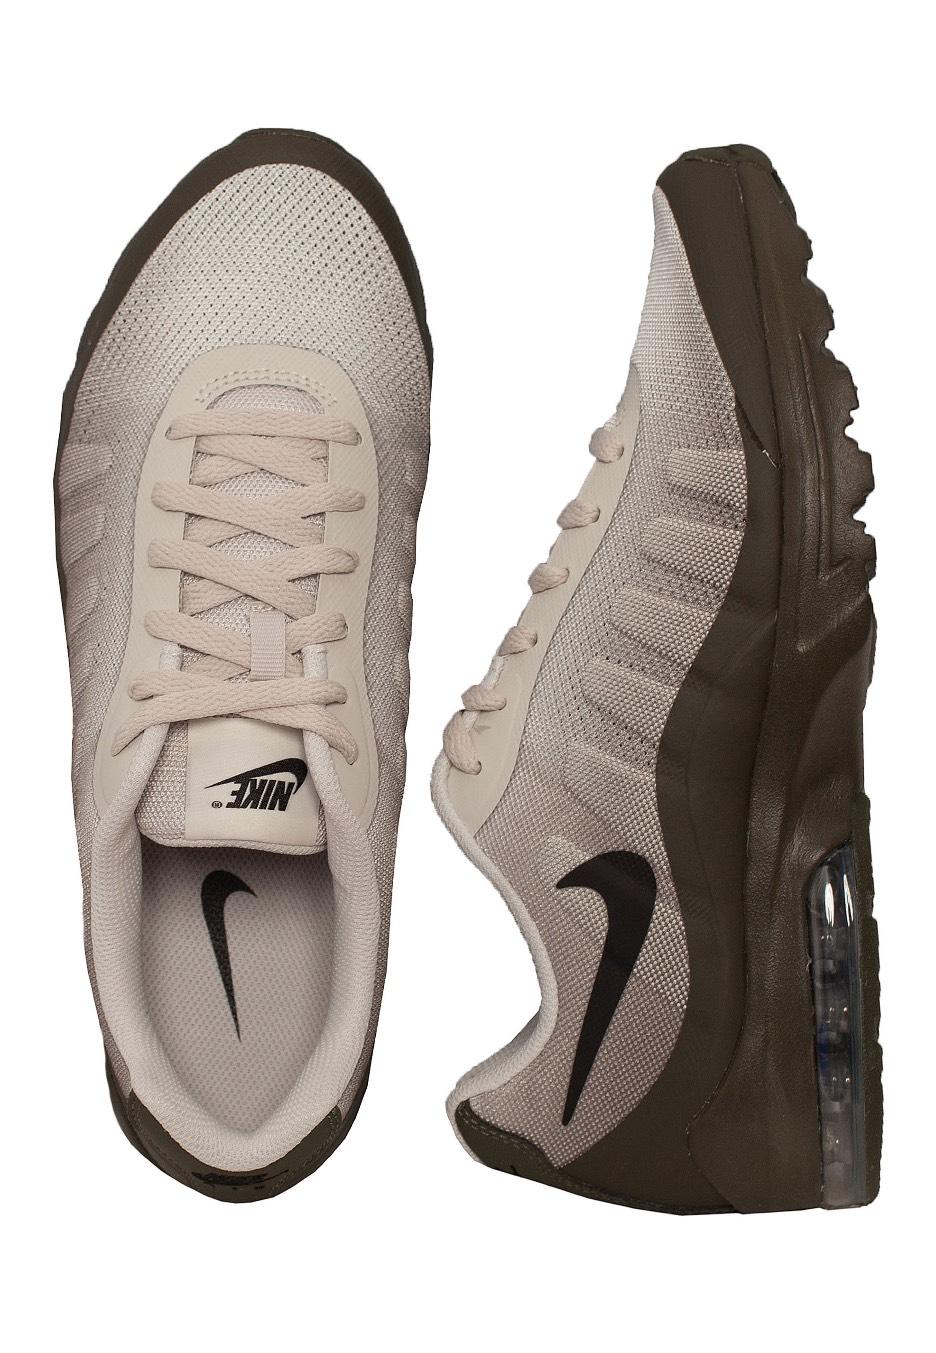 64d7f4314fe4 Nike - Air Max Invigor Print Light Bone Black Cargo Khaki - Shoes -  Impericon.com UK